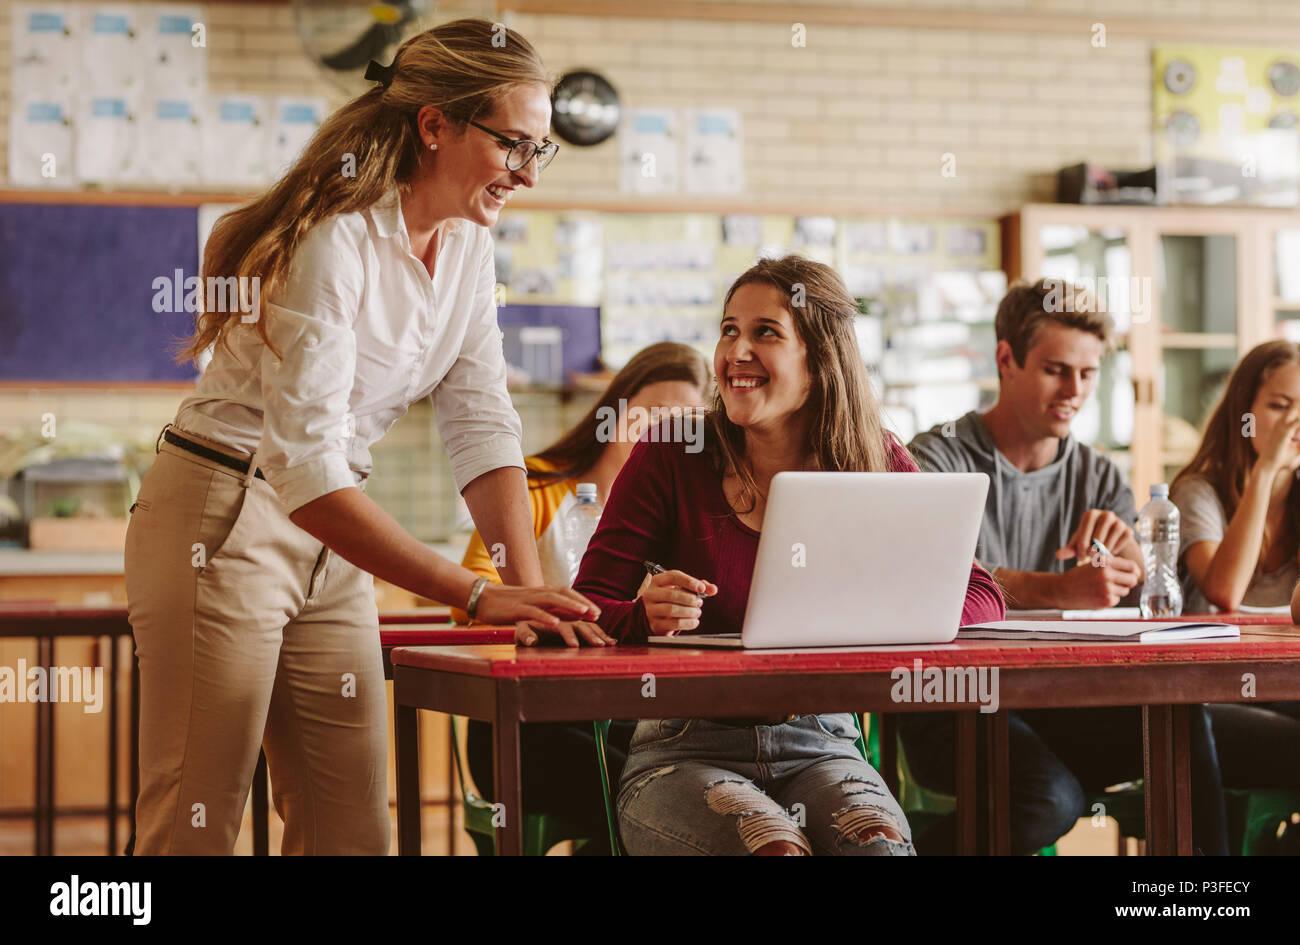 Profesor de la escuela de alta mujer feliz ayudando a los estudiantes durante su clase. Grupo de jóvenes en el aula con el amable maestro. Imagen De Stock